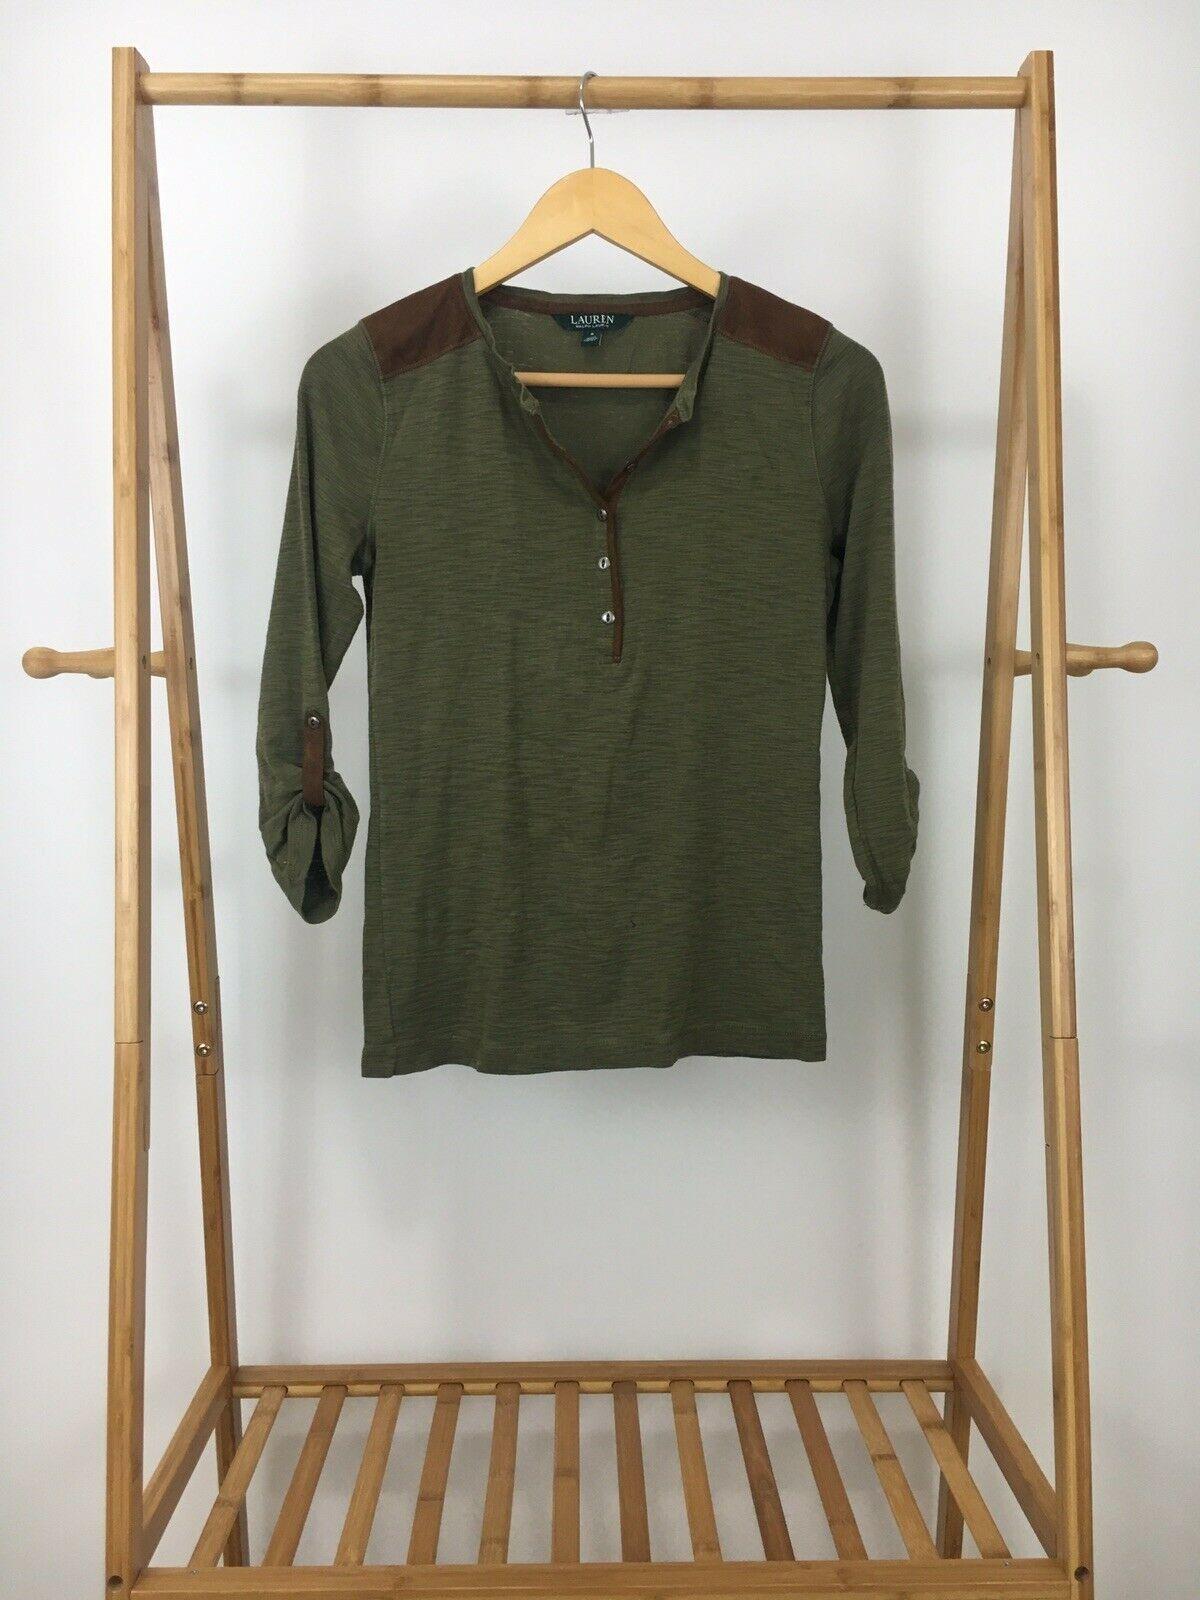 Lauren Ralph Lauren Women's Suede Trim Henley Top Shirt Size S